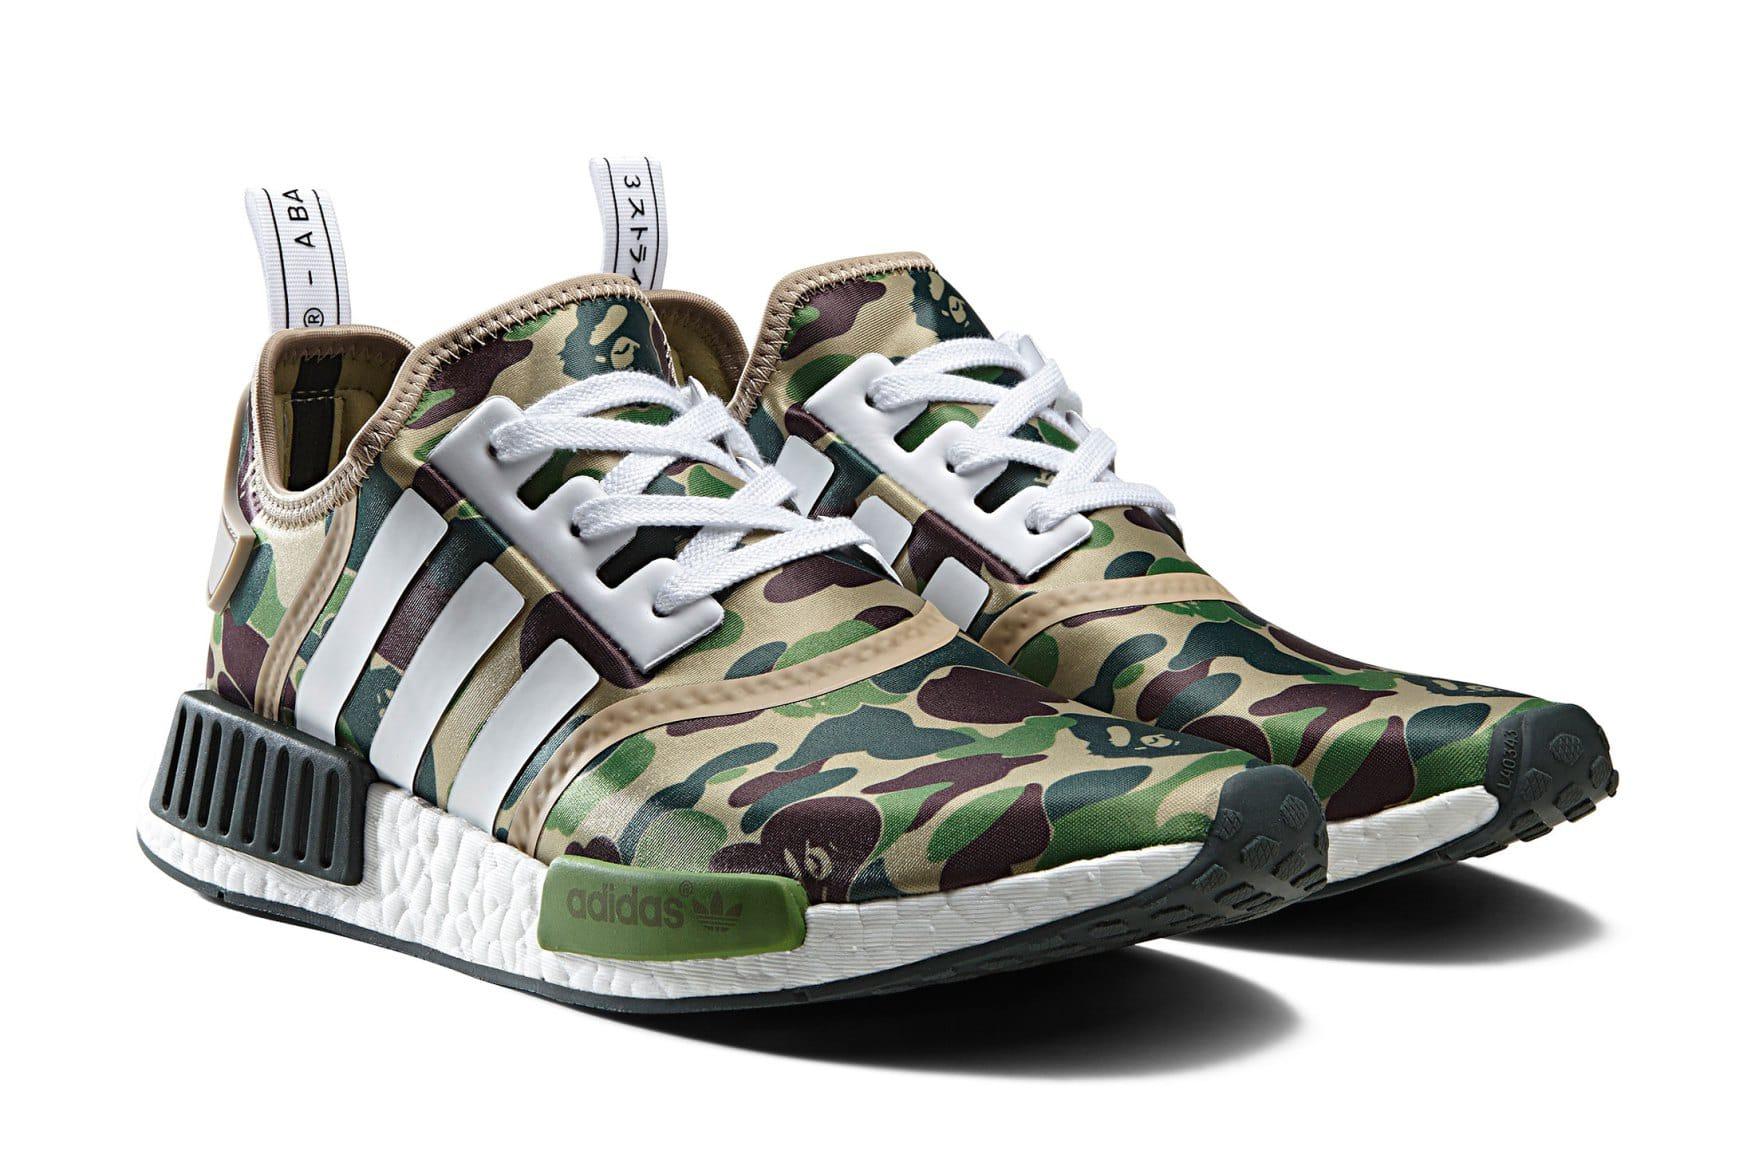 BAPE x Adidas Originals Collaboration